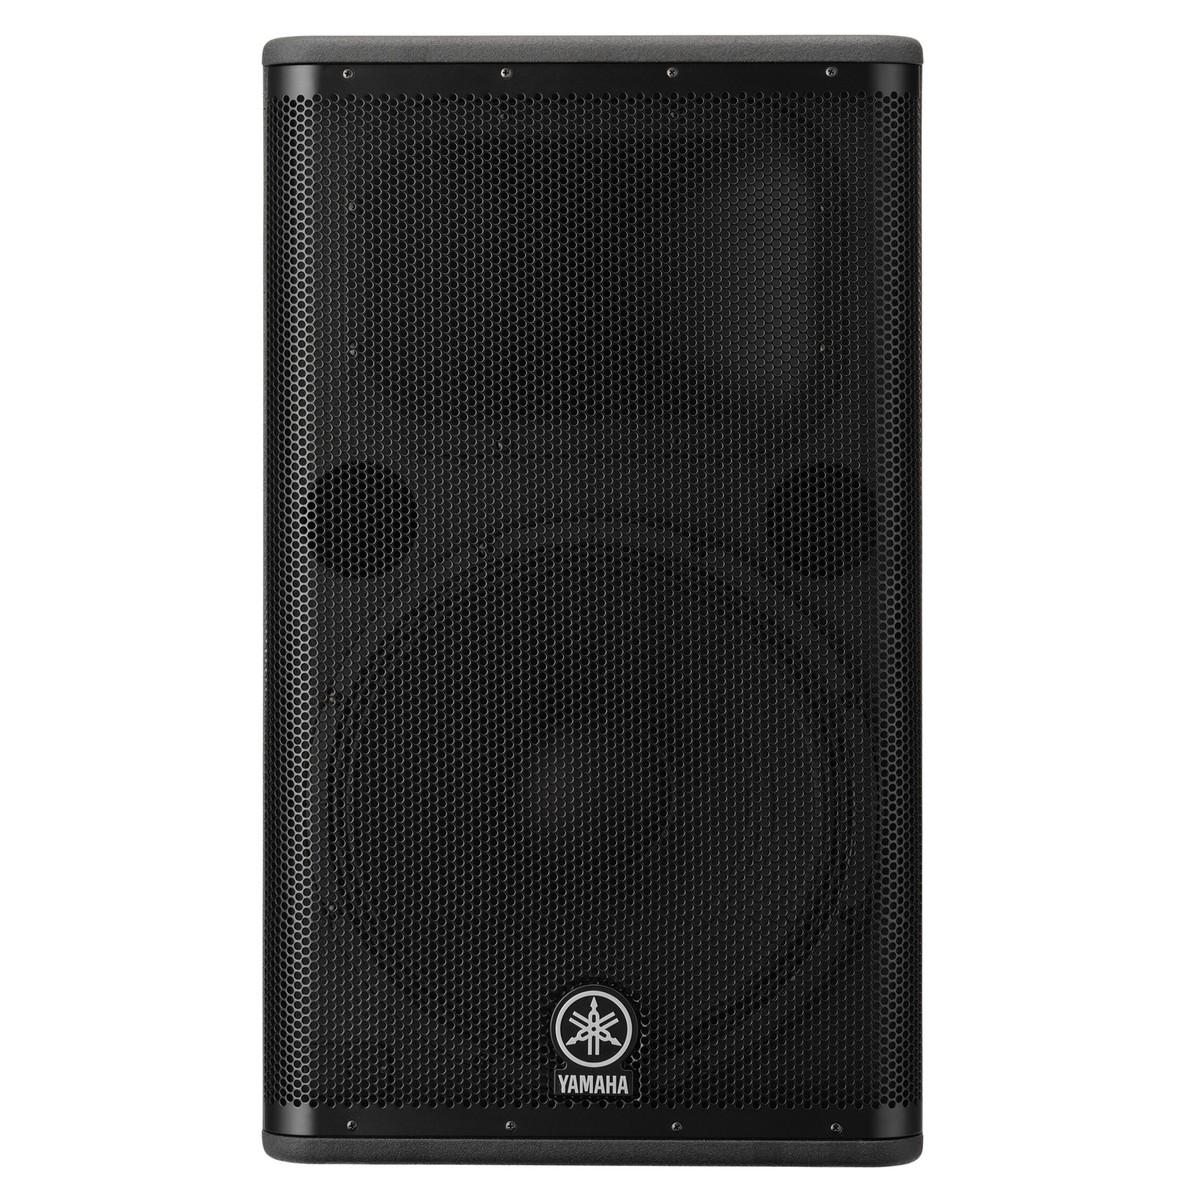 Yamaha dsr115 15 active pa speaker at for Yamaha dj speaker